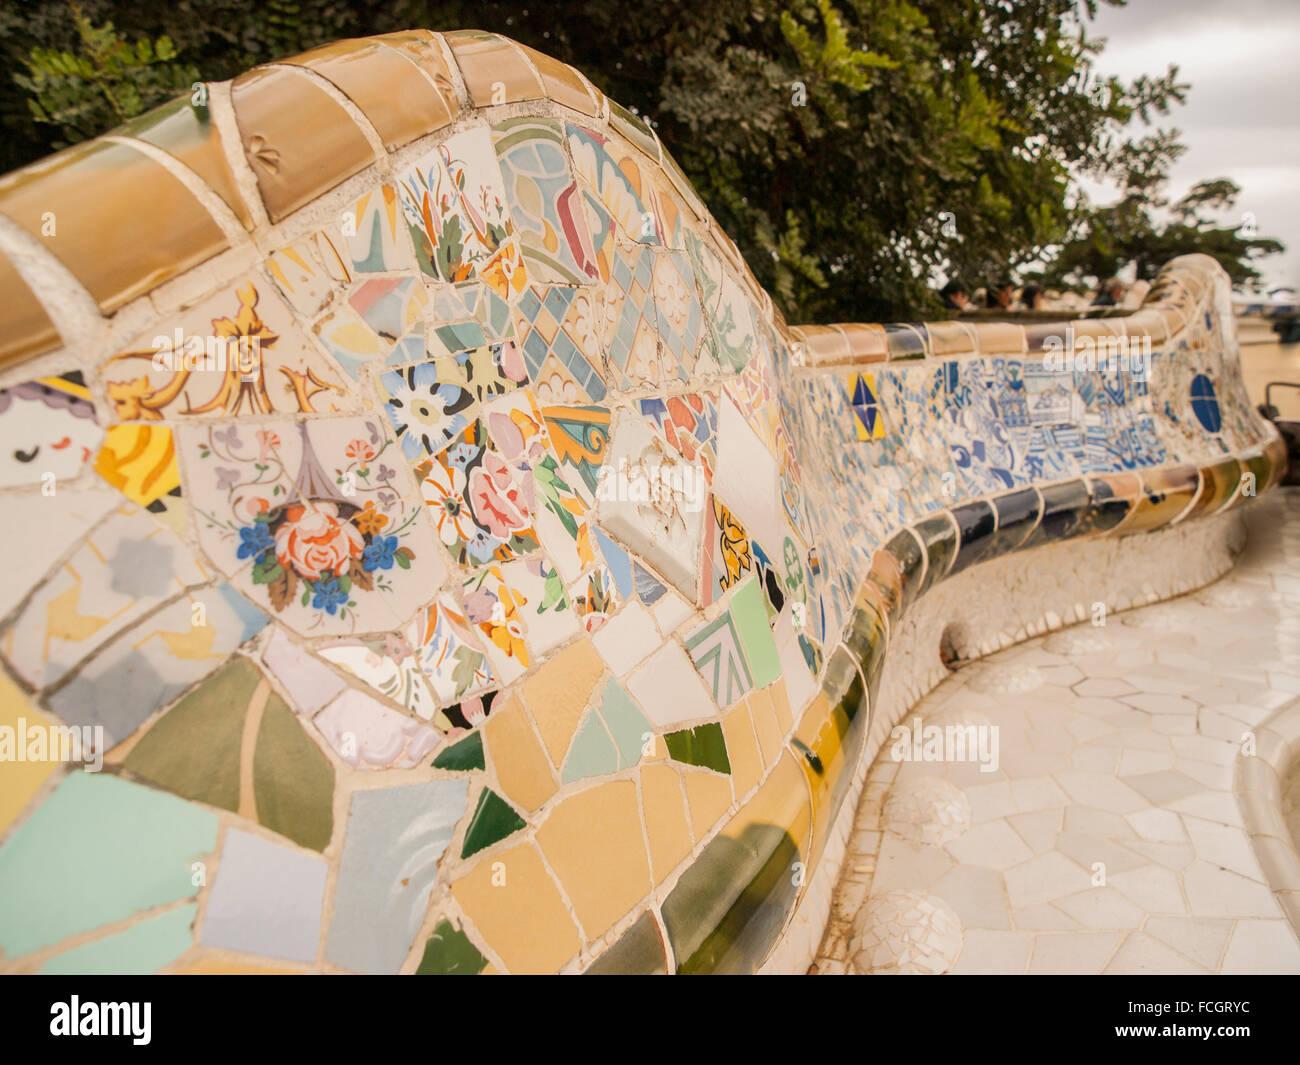 Dettaglio Del Mosaico Ceramico Panchina Nel Parco Guell Progettato